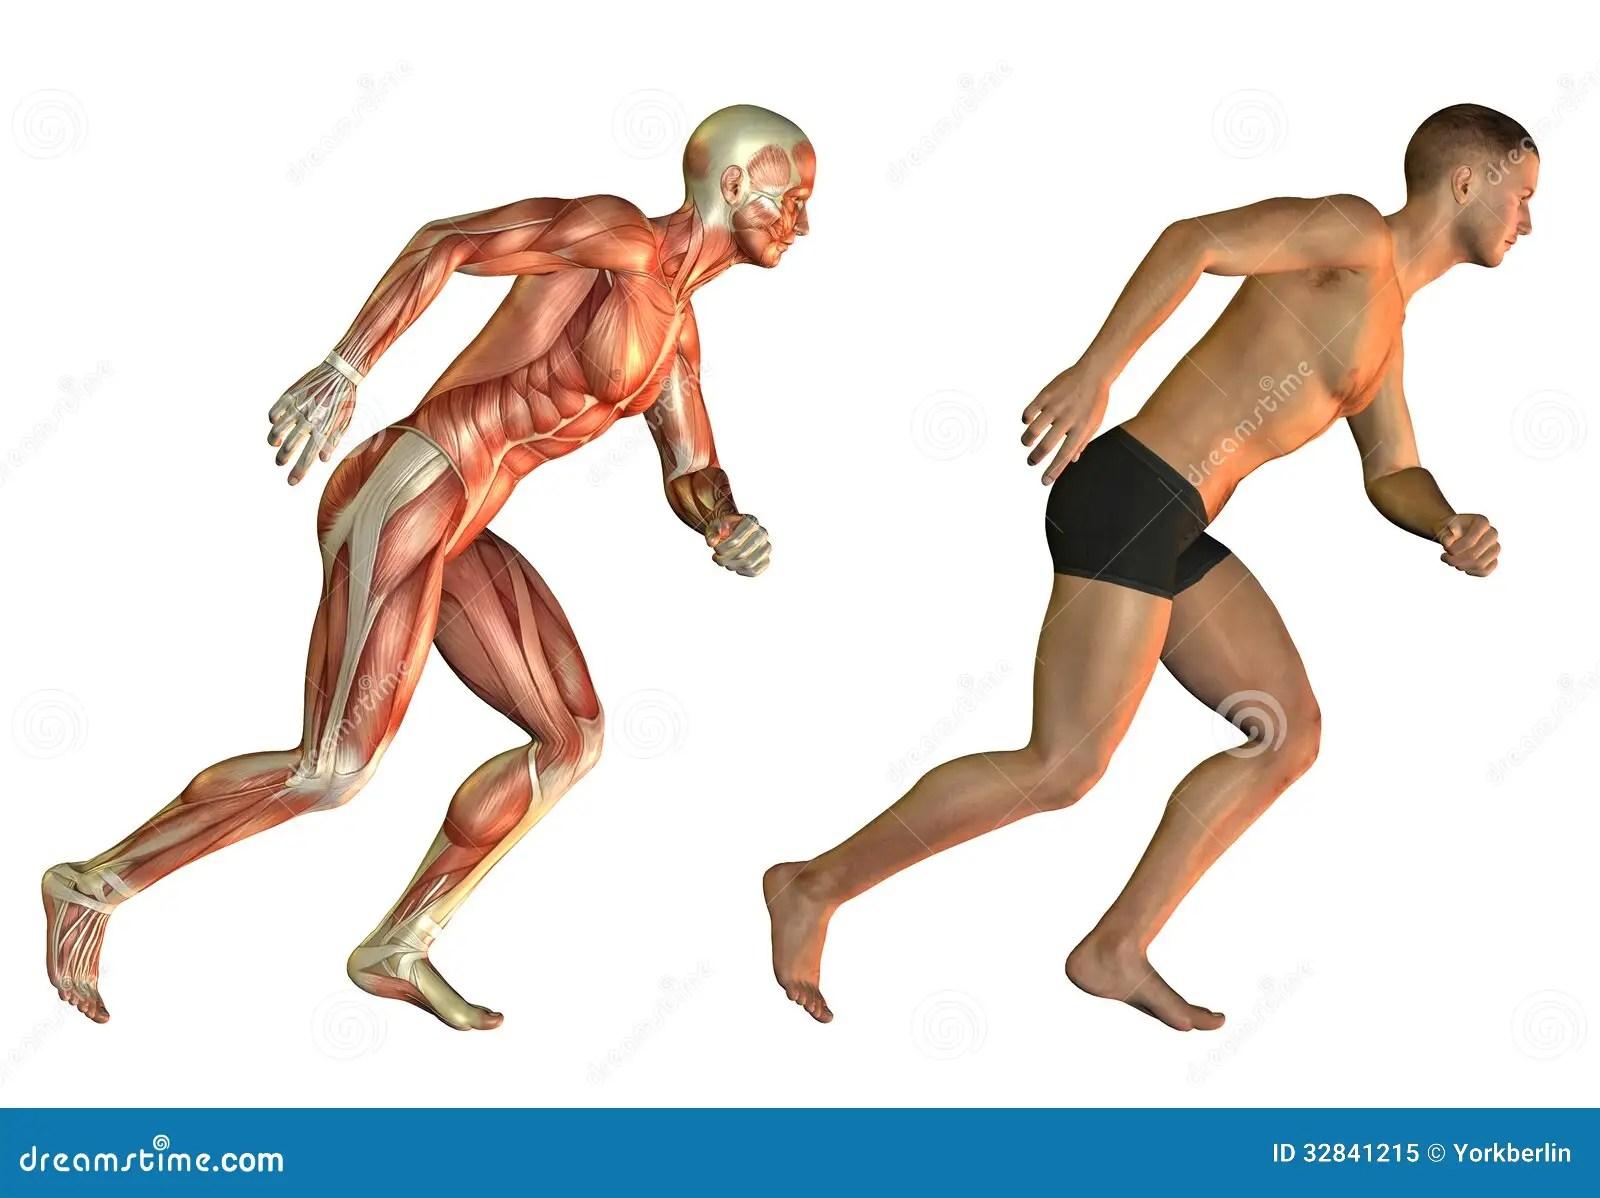 Estudio Corriente De La Anatomia Del Hombre Stock De